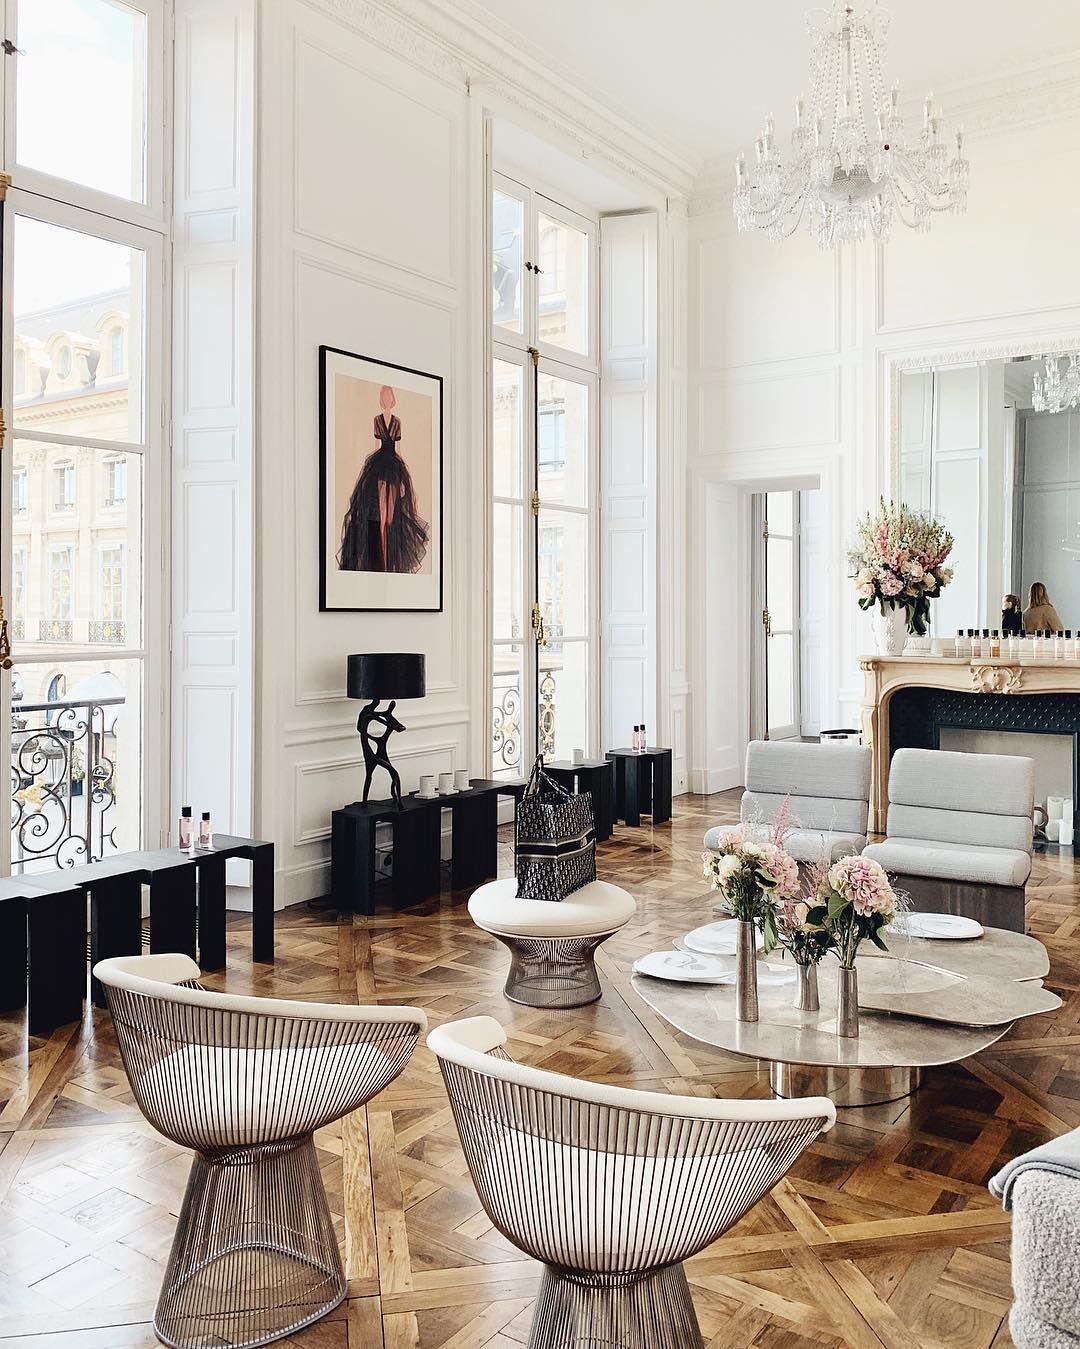 Parisian Accent Chairs Soleil Chairs In Traditional Parisian Apartment Parisian Apartment Decor Parisian Interior Parisian Living Room